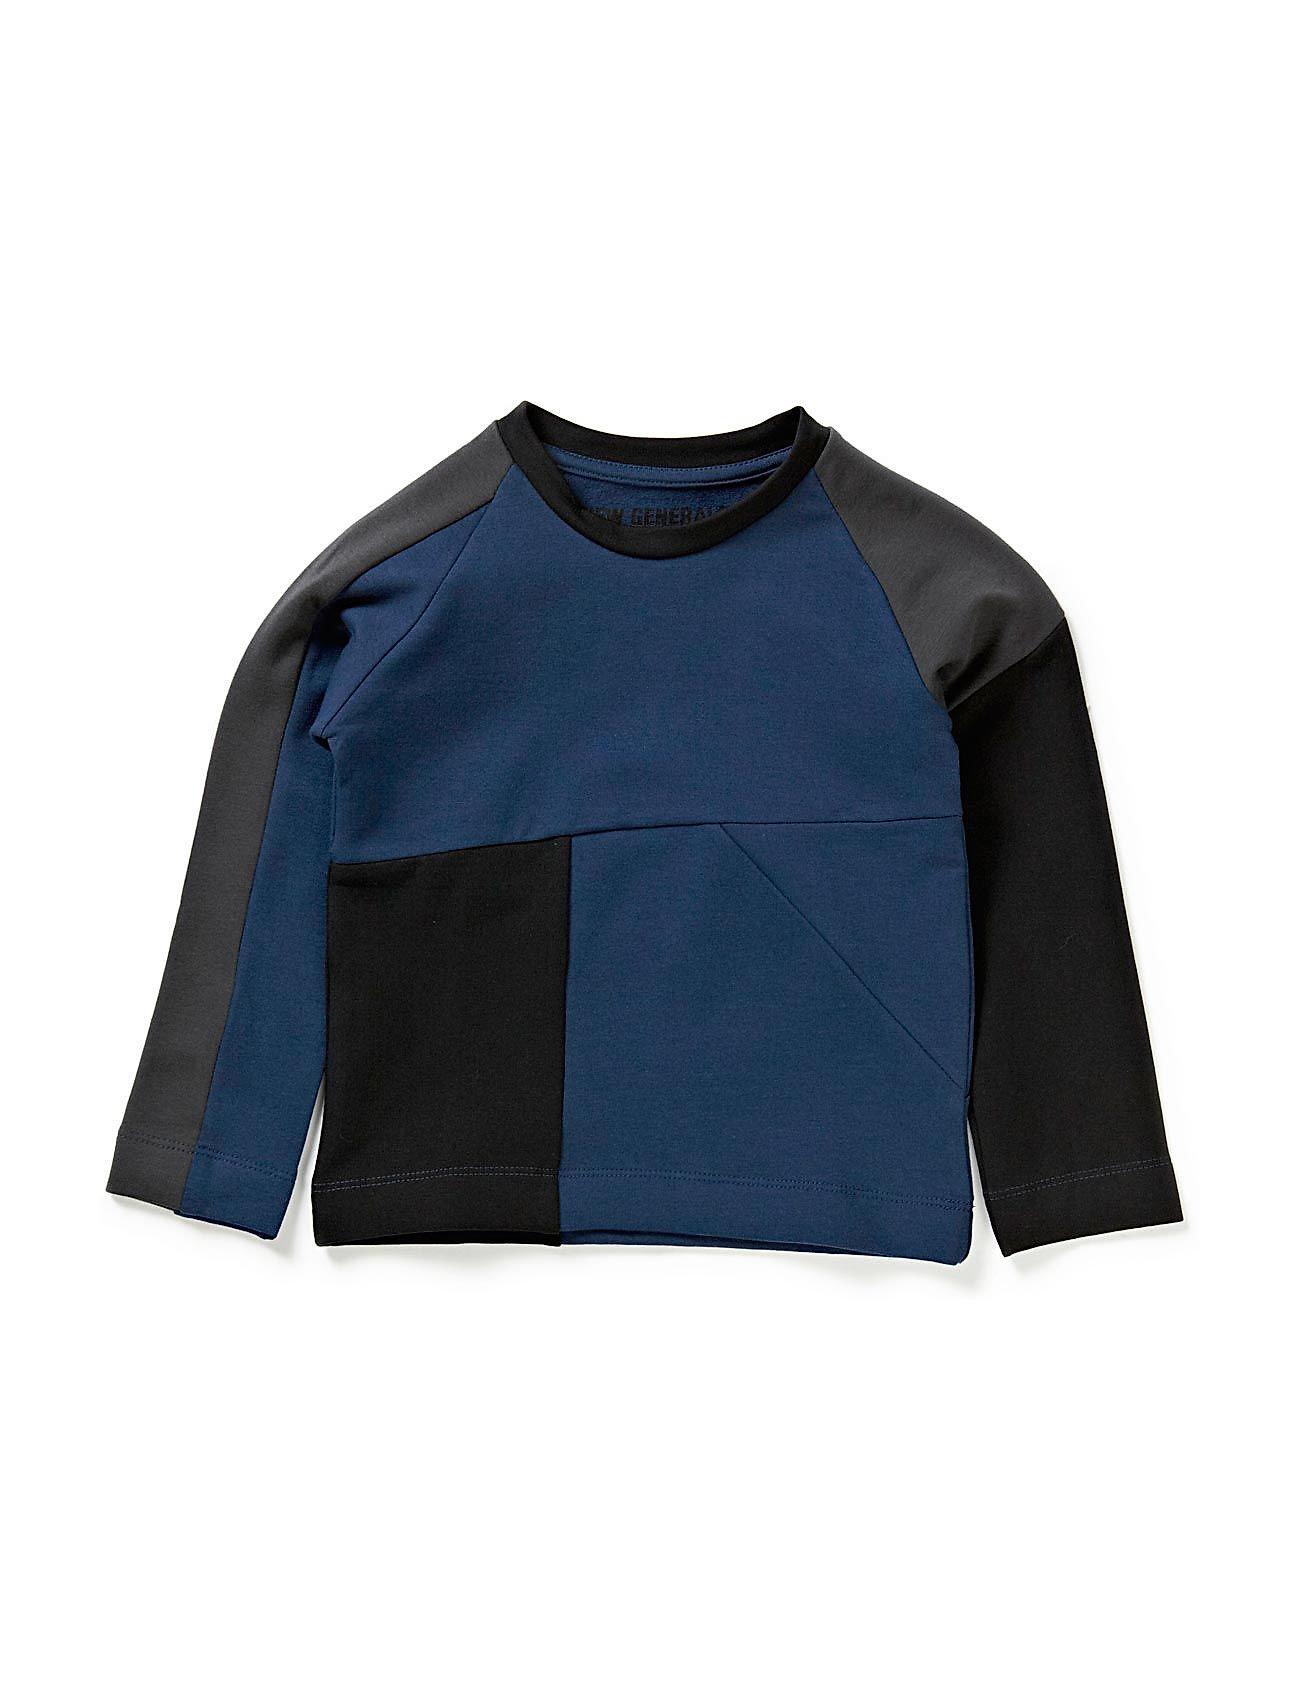 New Generals Panel Baby Sweatshirt